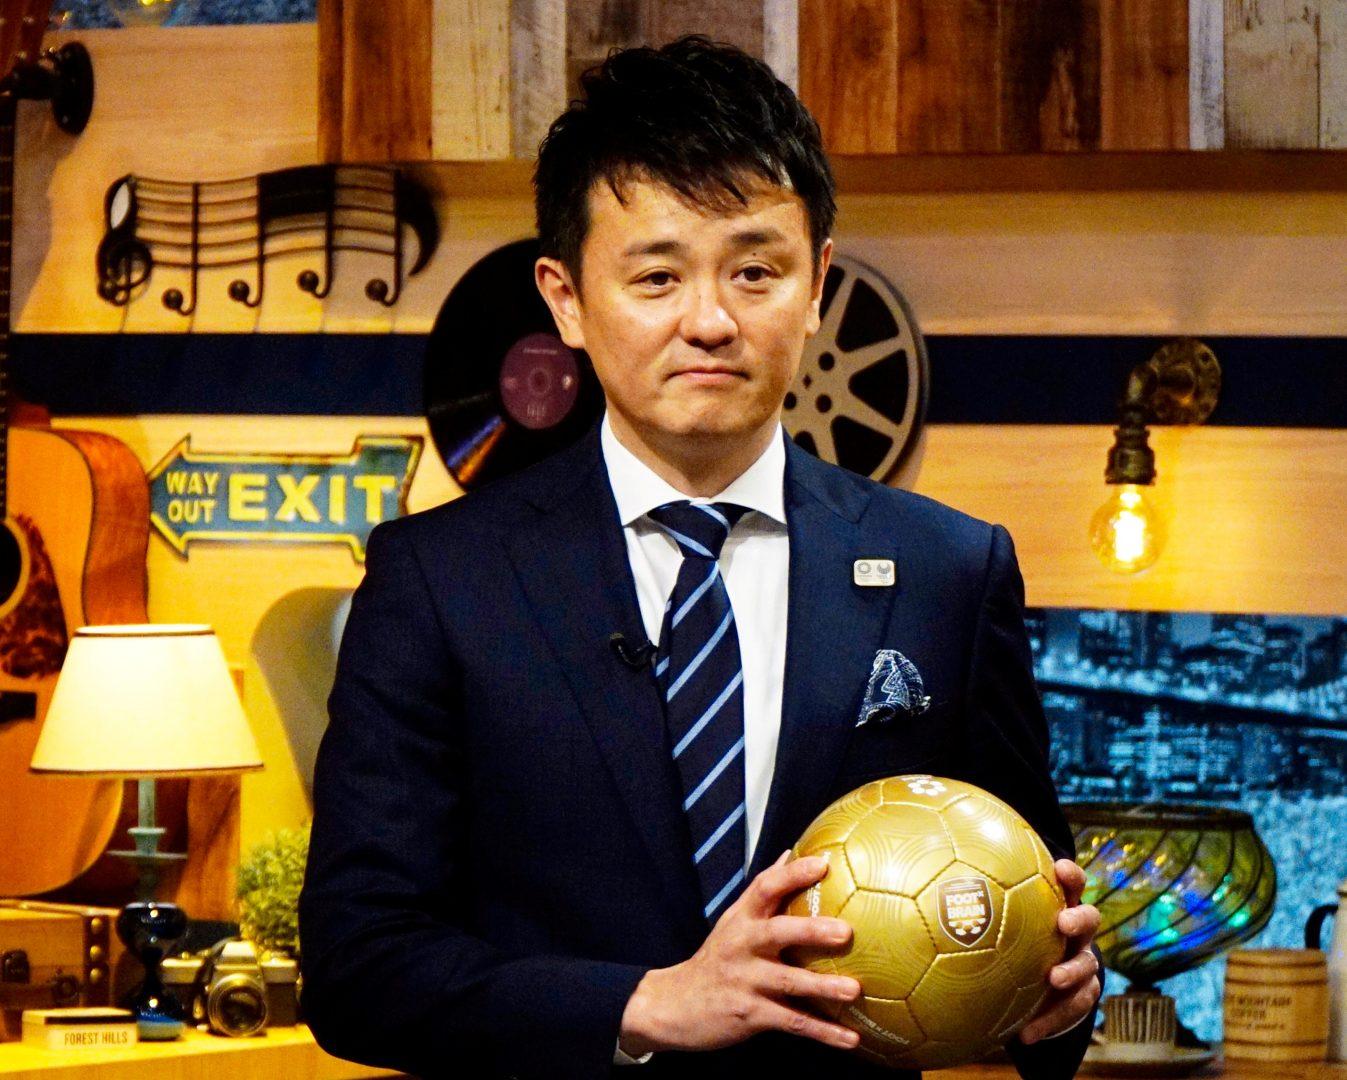 卓球・倉嶋男子代表監督、東京五輪企画でサッカー番組「FOOT×BRAIN」出演へ